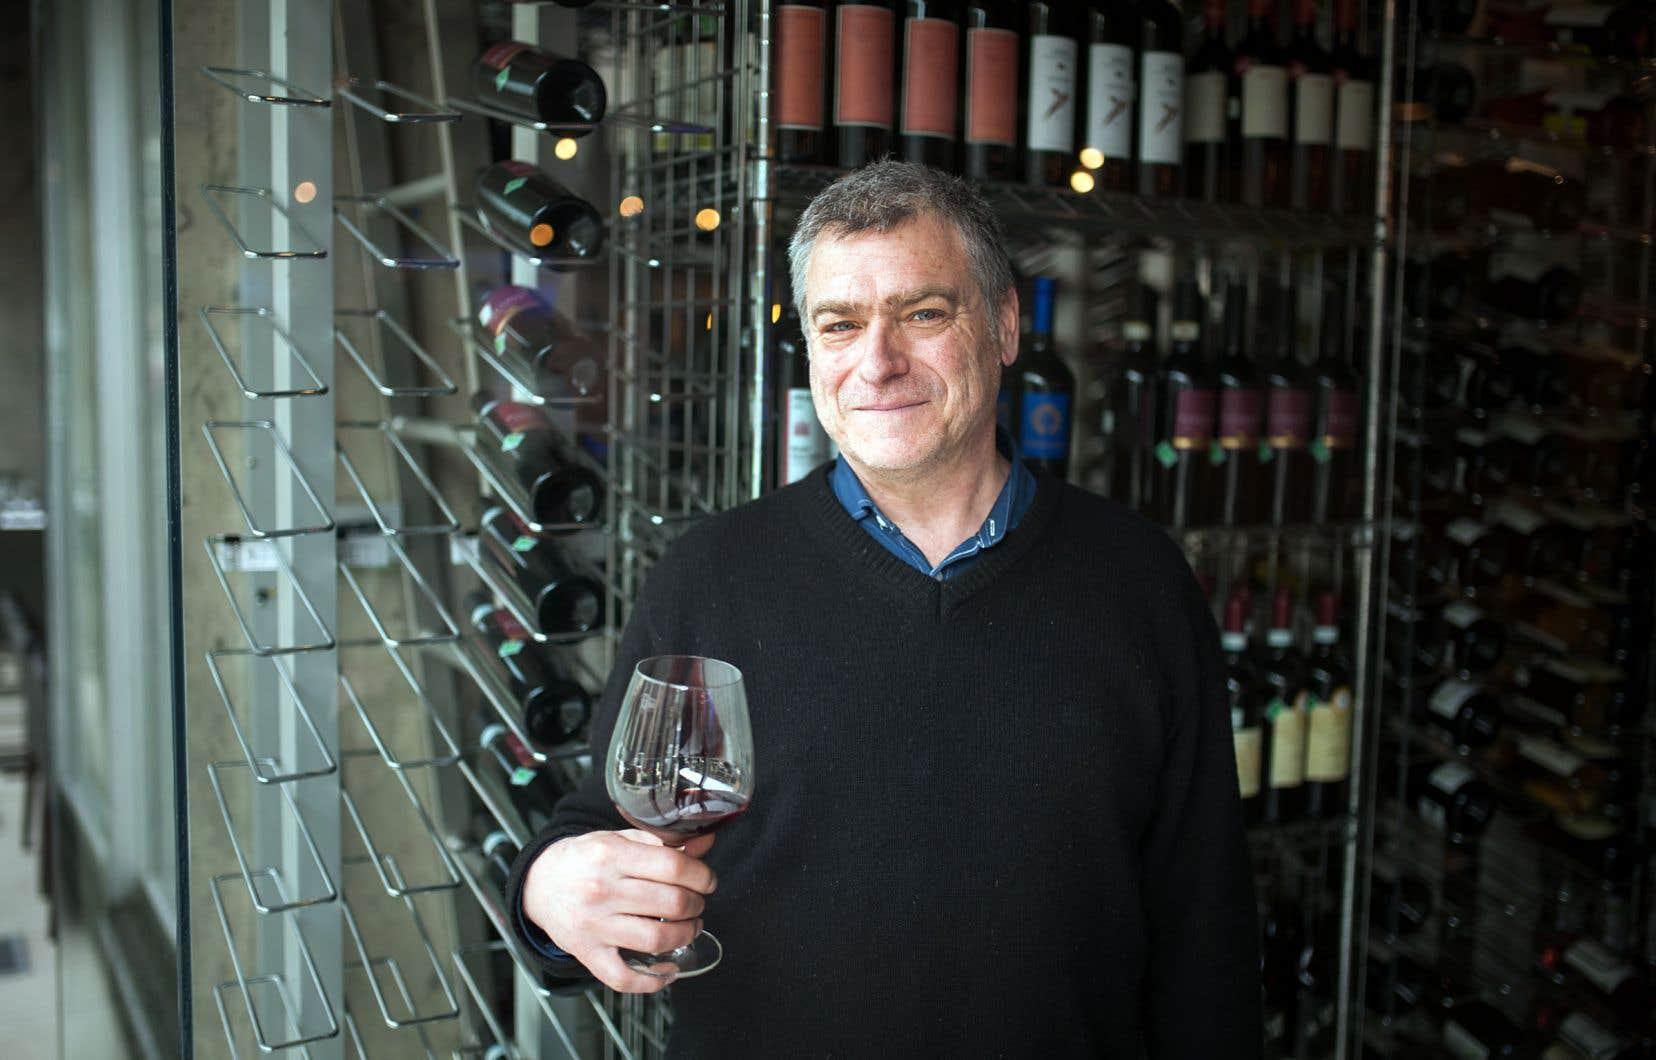 Avec le temps et l'expérience acquise, le vigneron Pascal Marchand est passé d'une position «d'extracteur» à celle «d'infuseur», privilégiant une douceur de diffusion de la couleur et des tanins pour ses pinots.